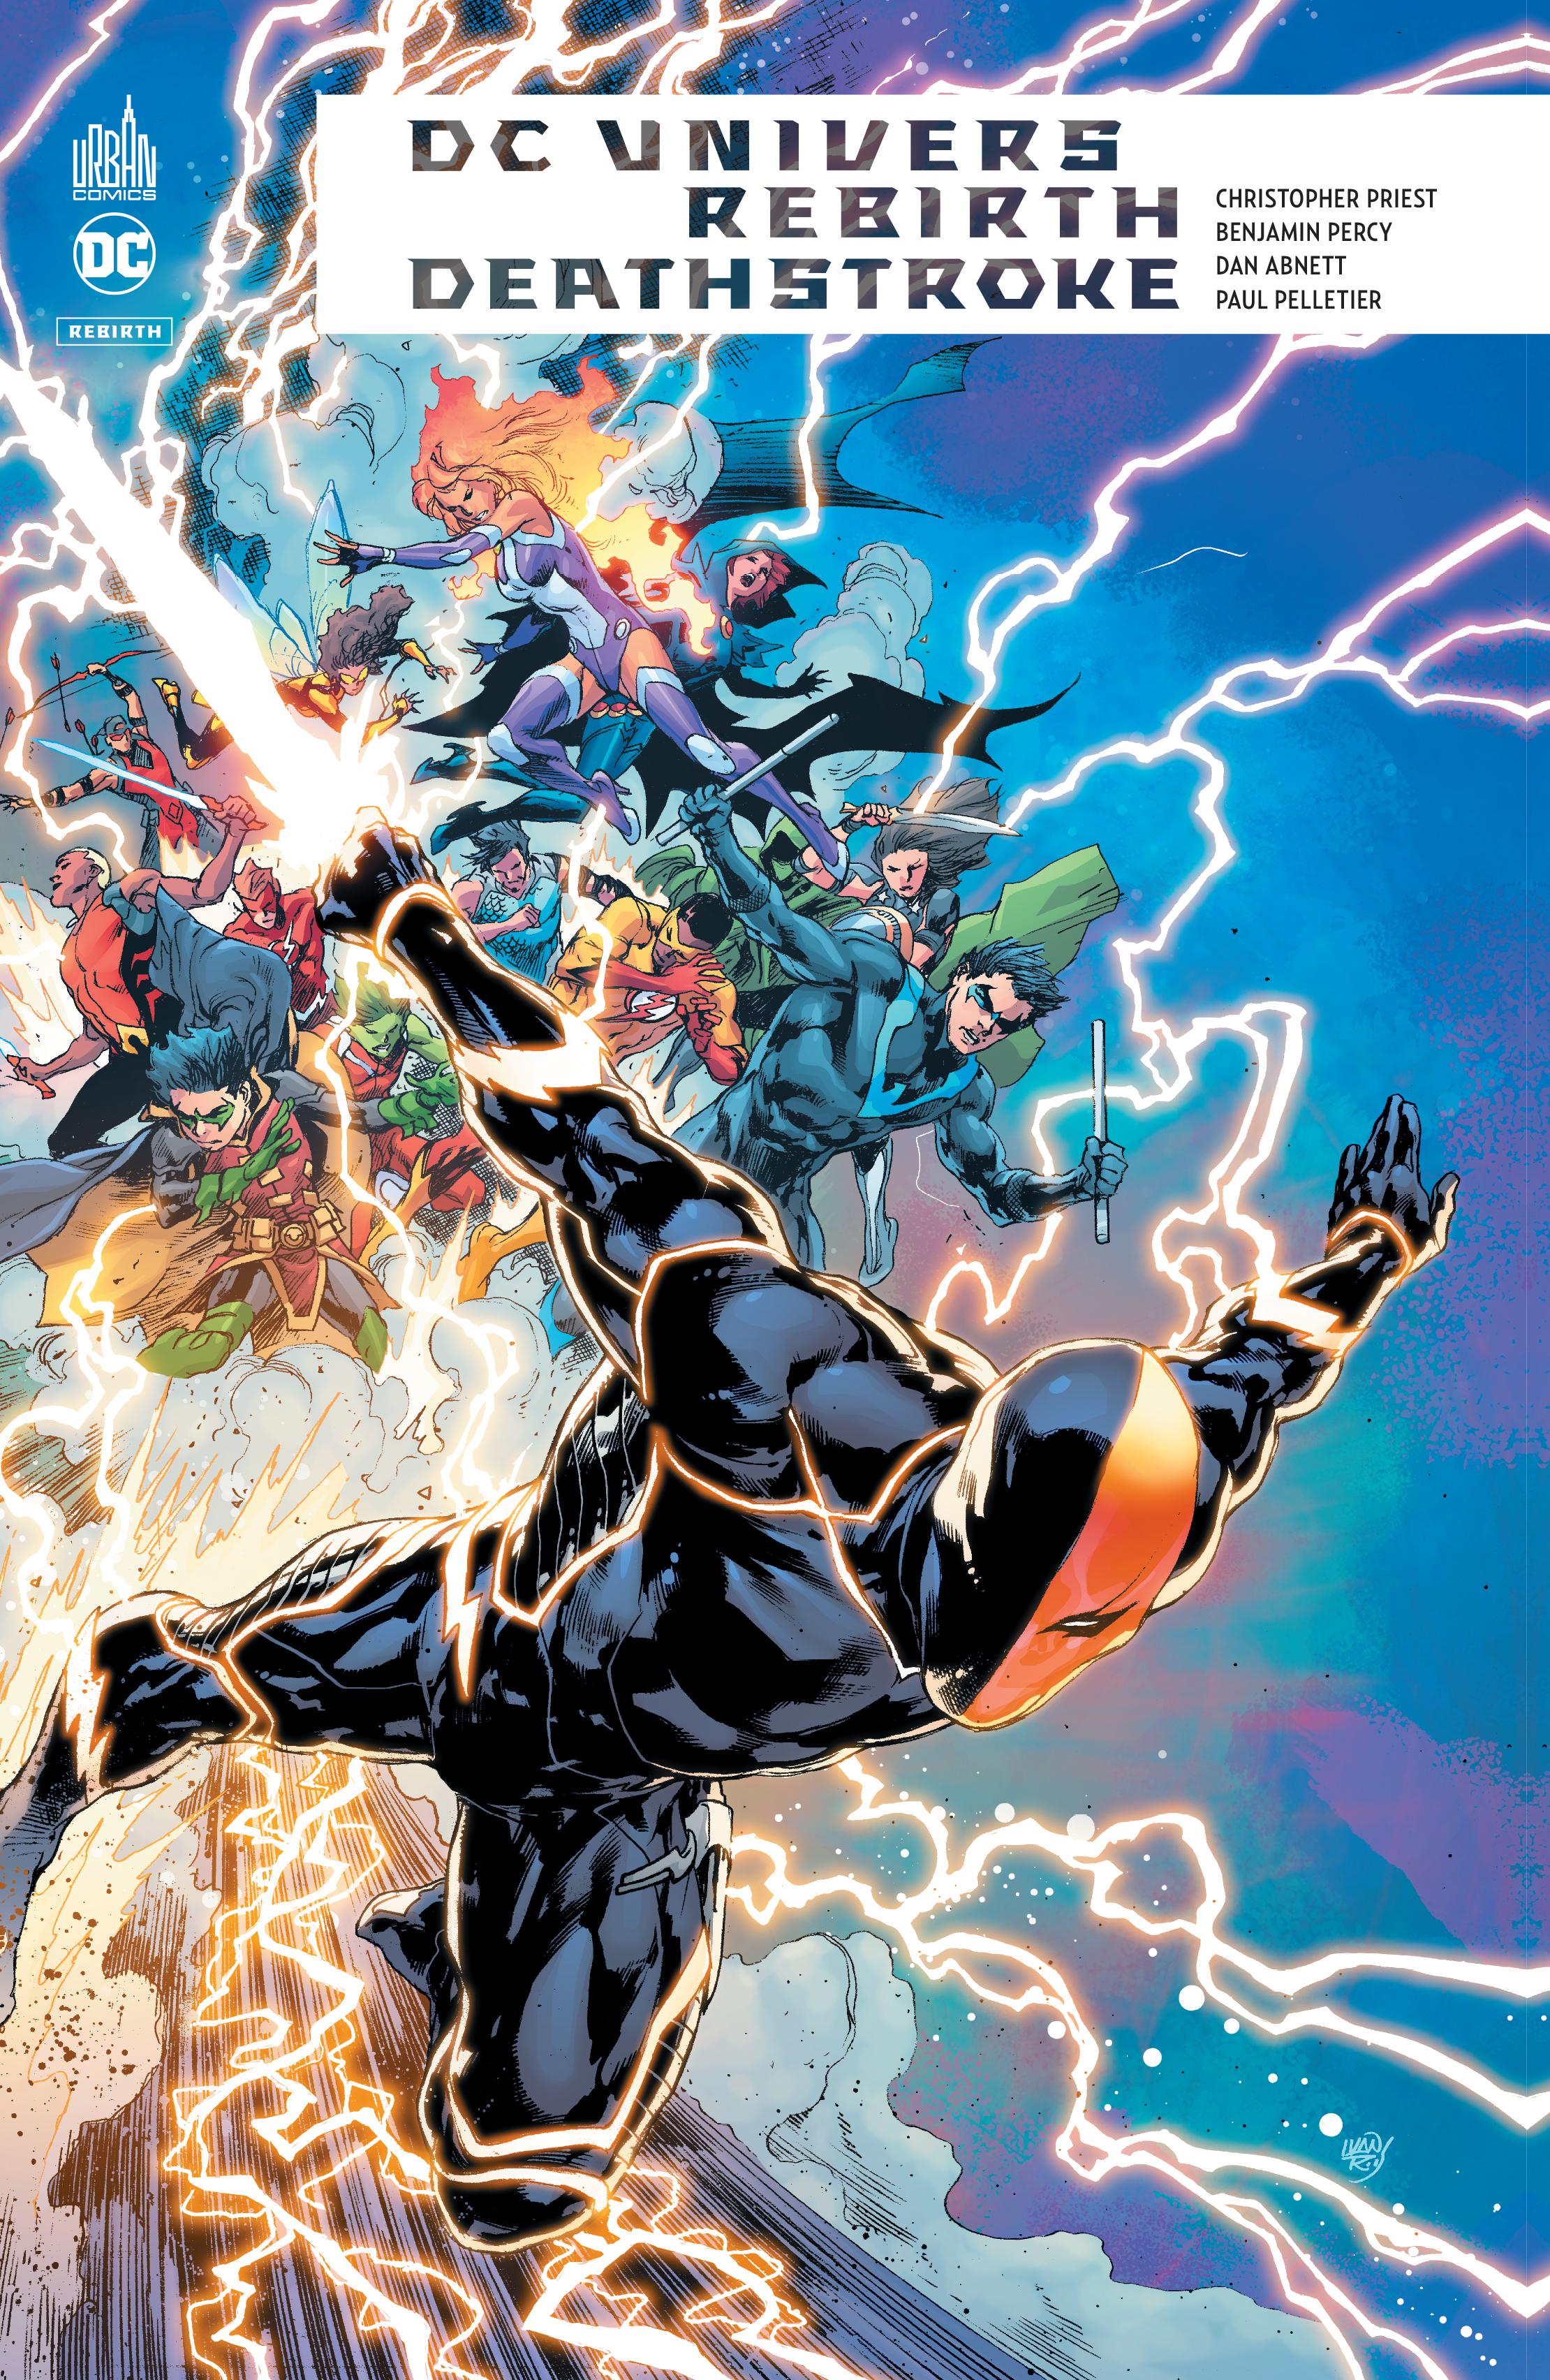 DC Univers Rebirth - Deathstroke 1 - DC Univers Rebirth - Deathstroke